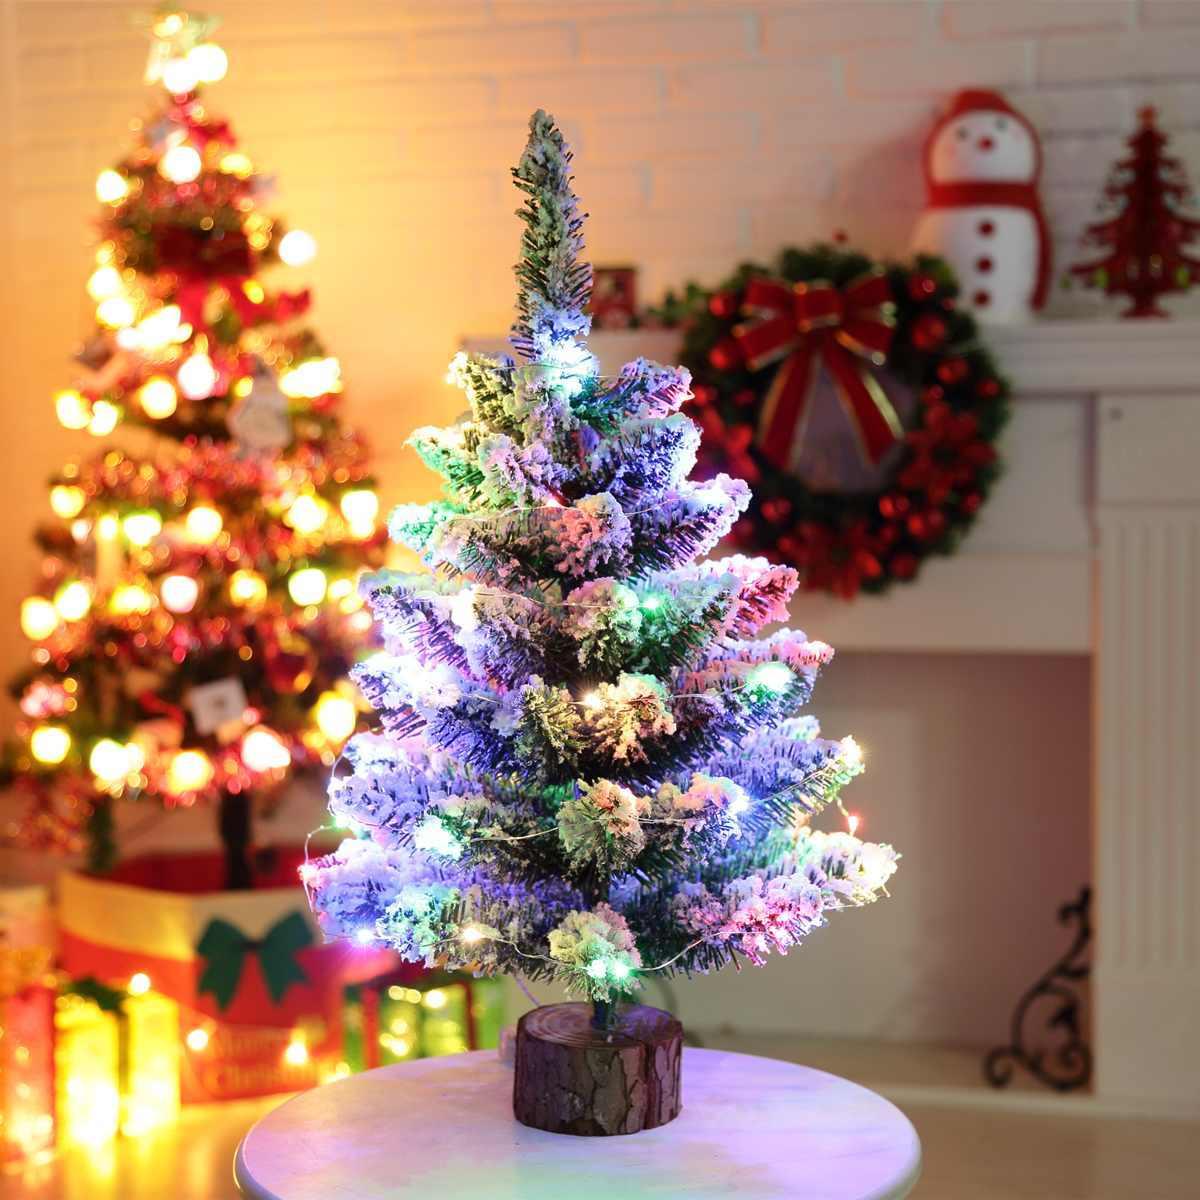 Светодиодный мини гирлянда для рождественской ёлки гирлянды ПВХ рабочего стола маленькое дерево стол украшения дома украшение для вечеринки; Рождество поставки 50 см